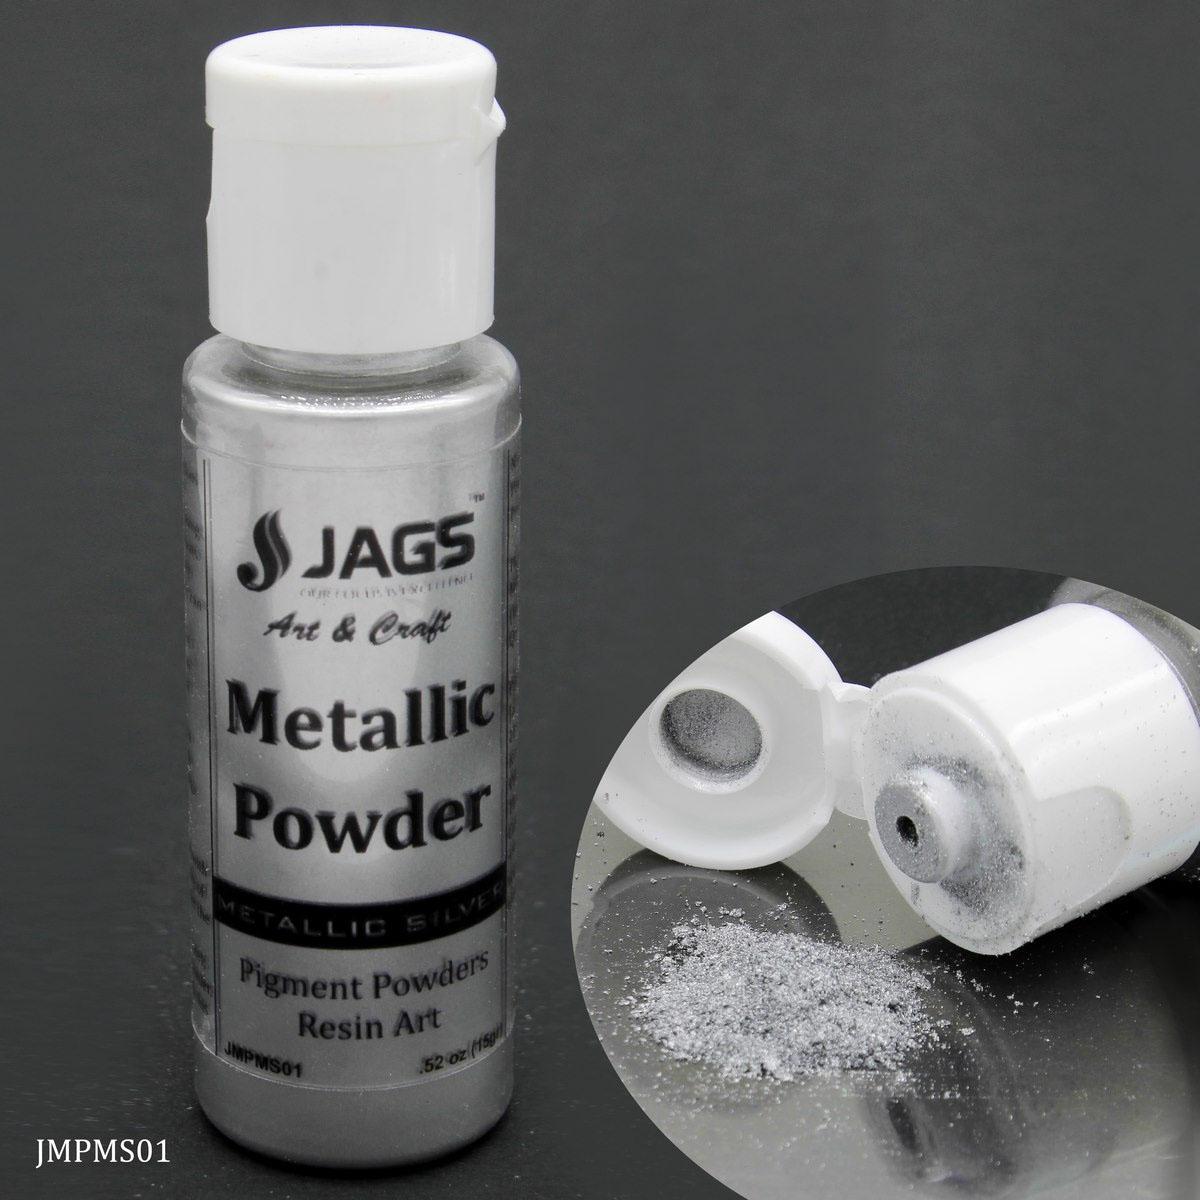 Jags Metallic Powder Metallic Silver 15Gms JMPMS01